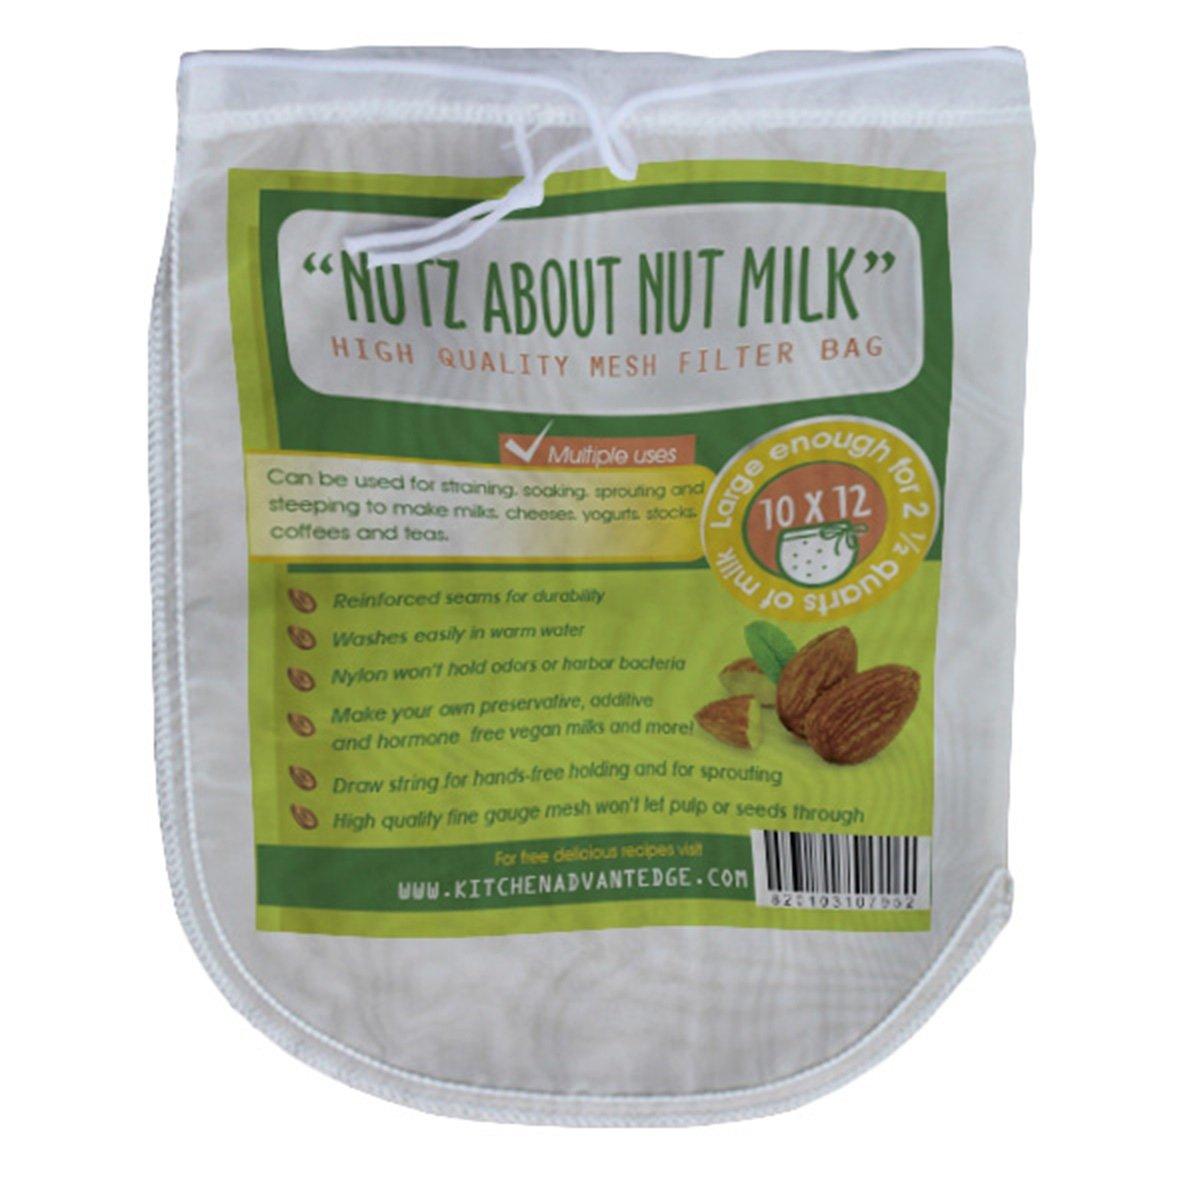 Nutz sobre tuerca leche